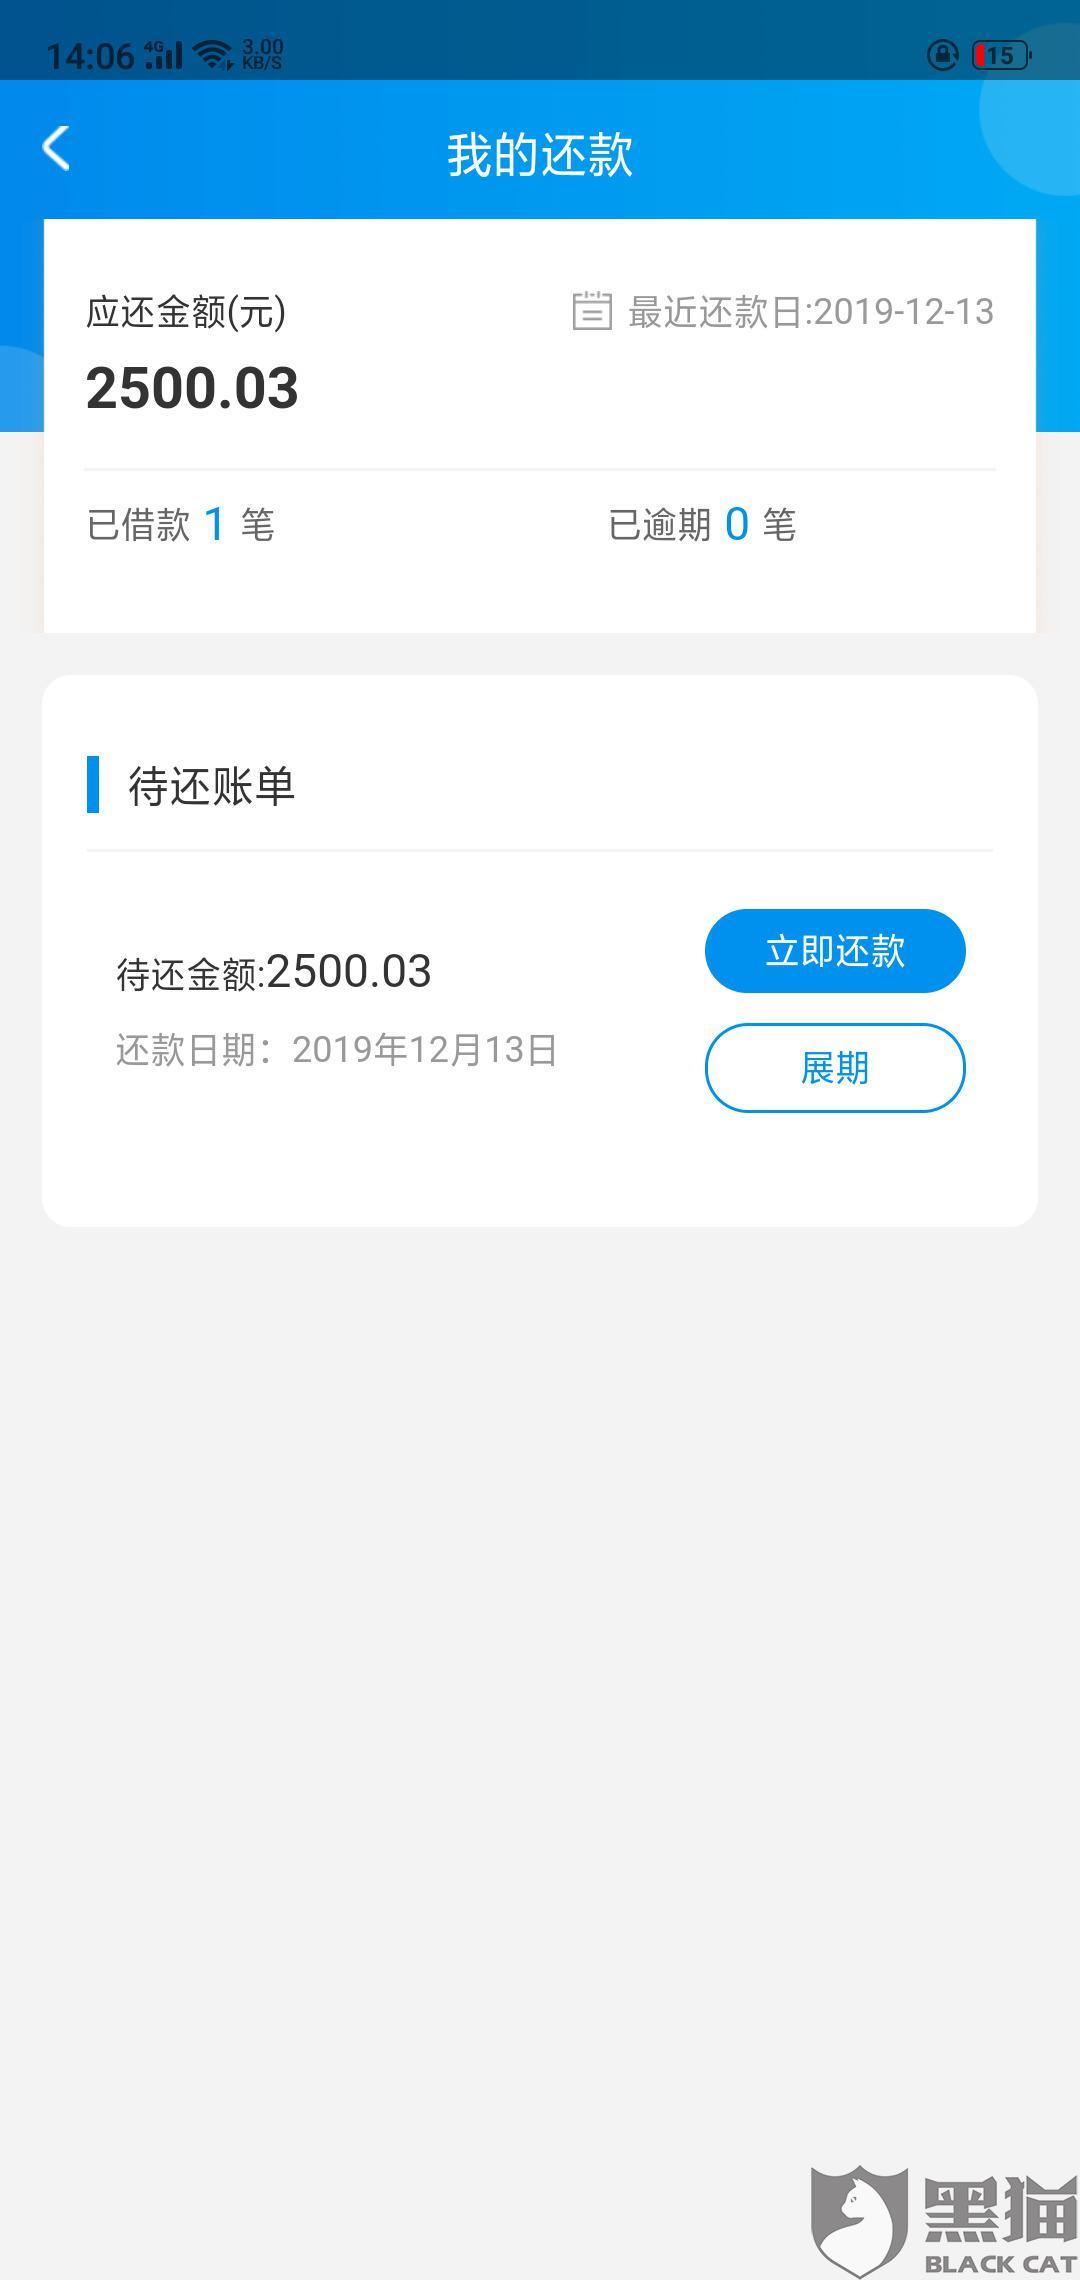 黑猫投诉:假网贷平台5天时间1000元利息